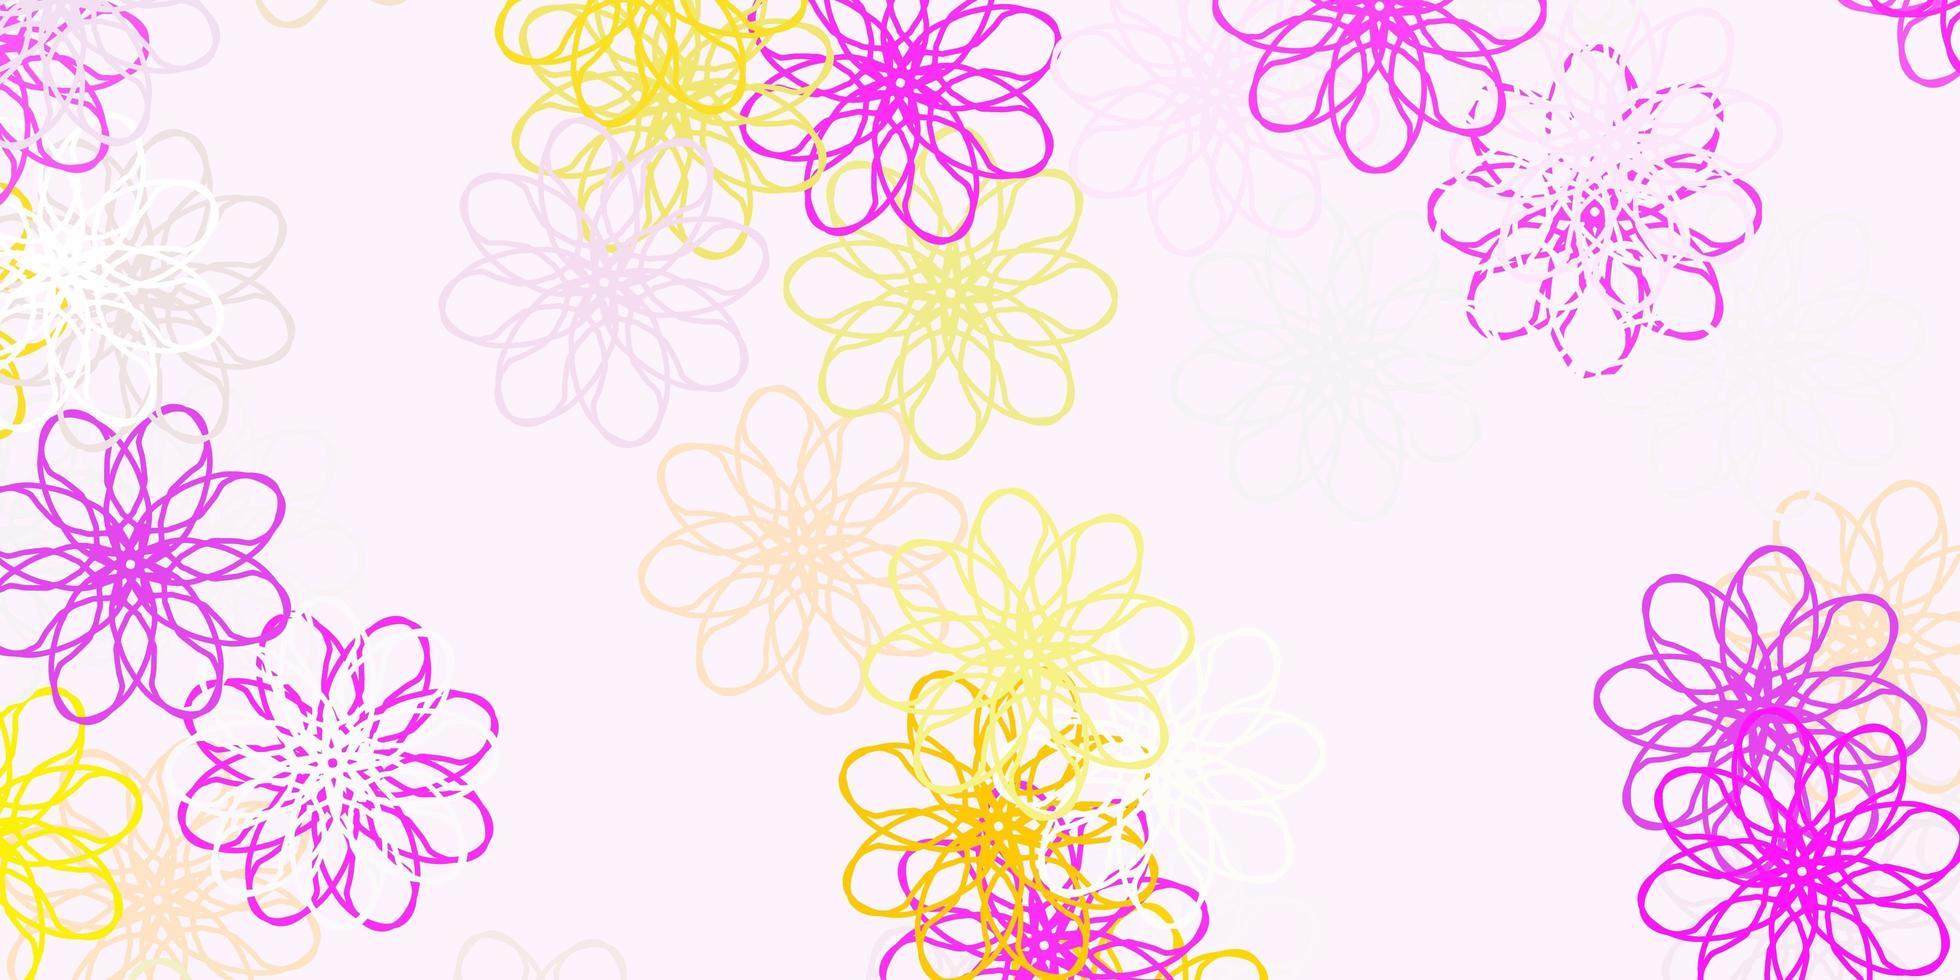 natürlicher Hintergrund des hellrosa, gelben Vektors mit Blumen. vektor